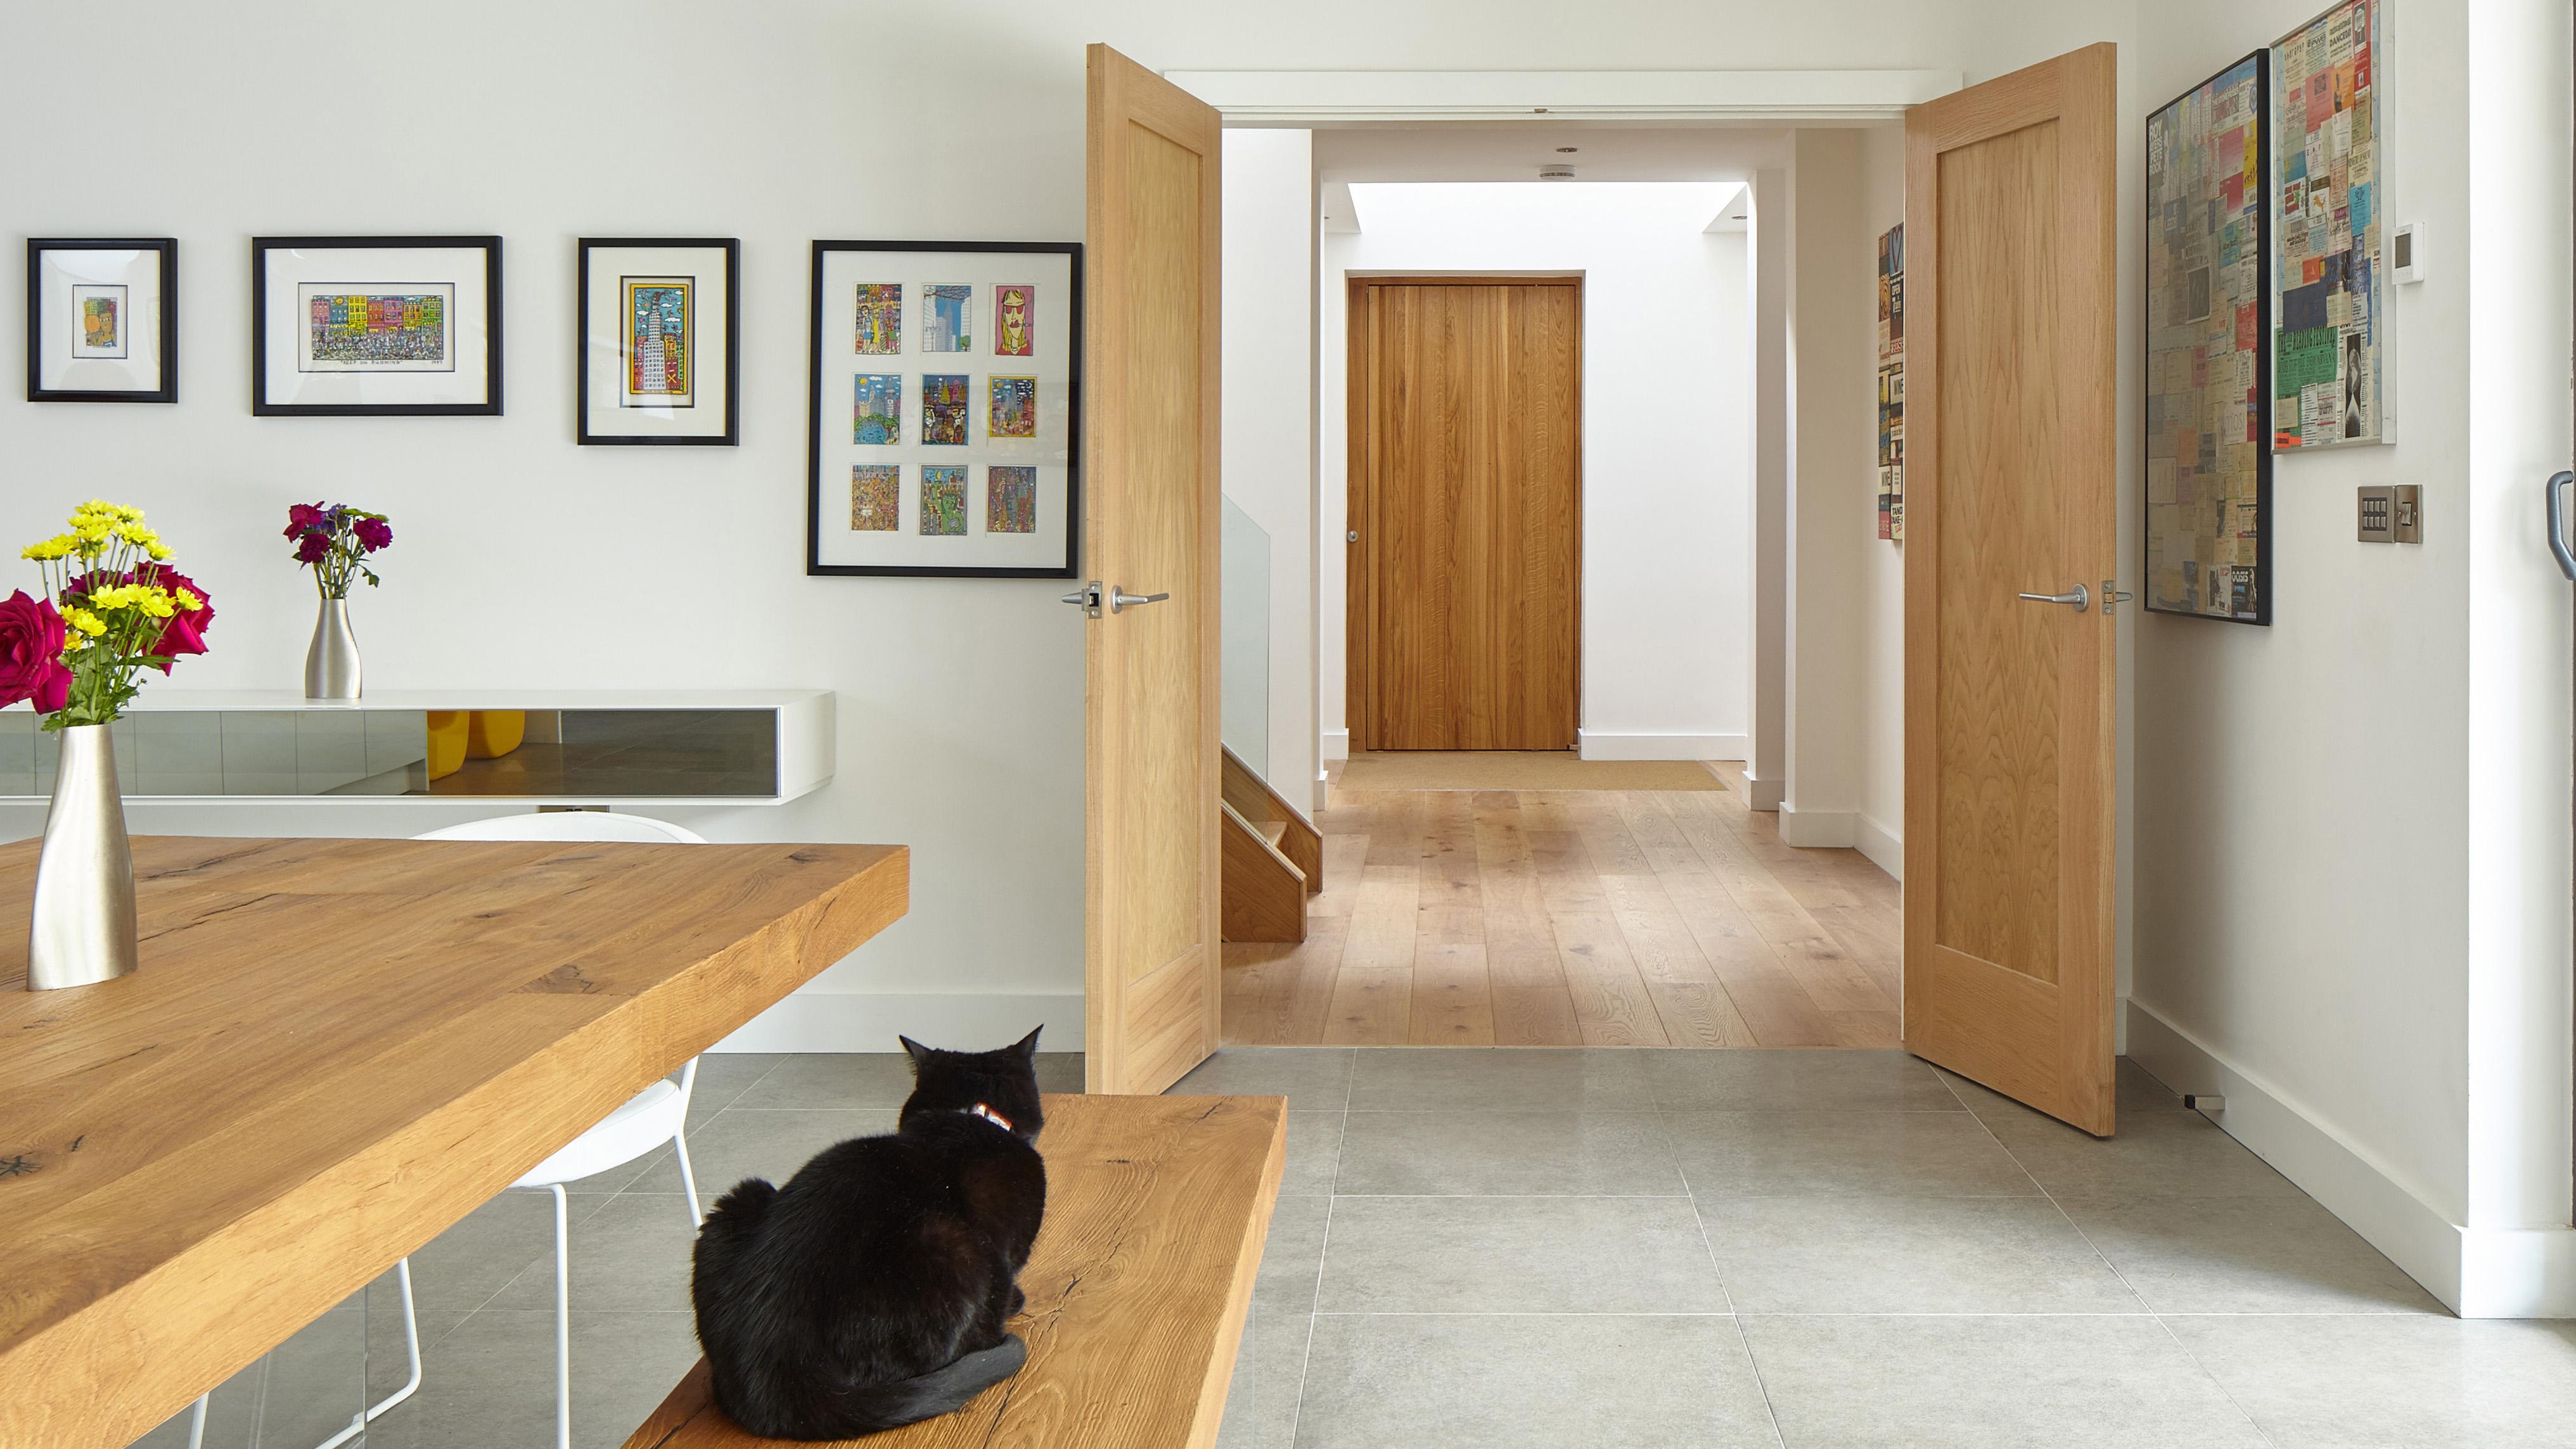 Hasil gambar untuk Oak doors buyer's guide